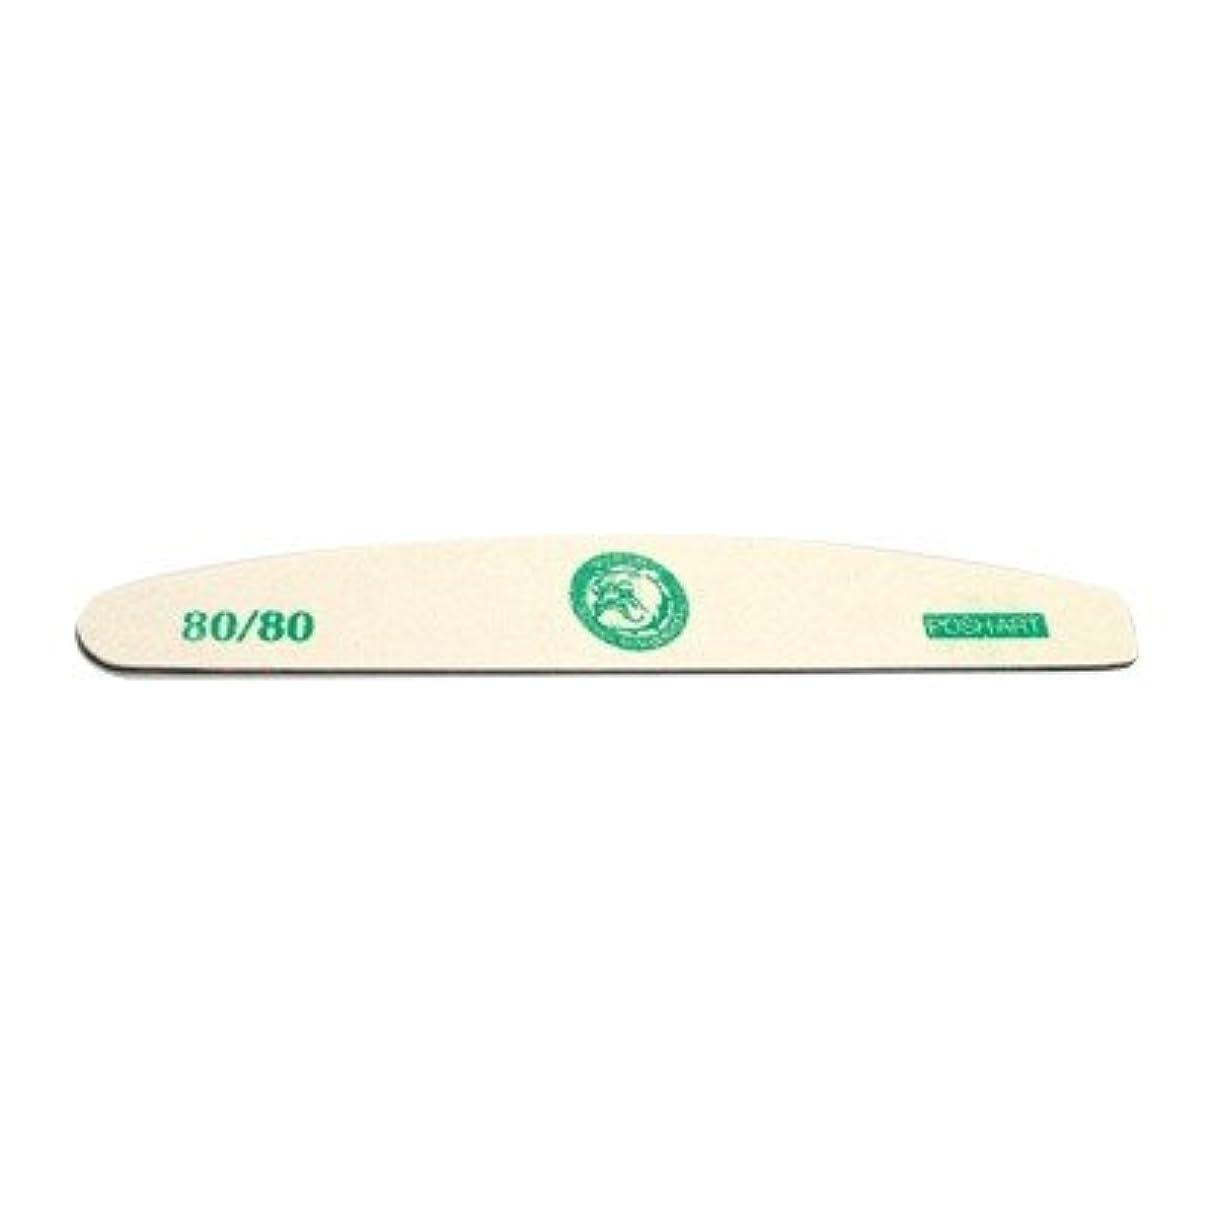 重要な役割を果たす、中心的な手段となる切り刻む刺繍POSH ART ブルファイル 80/80G